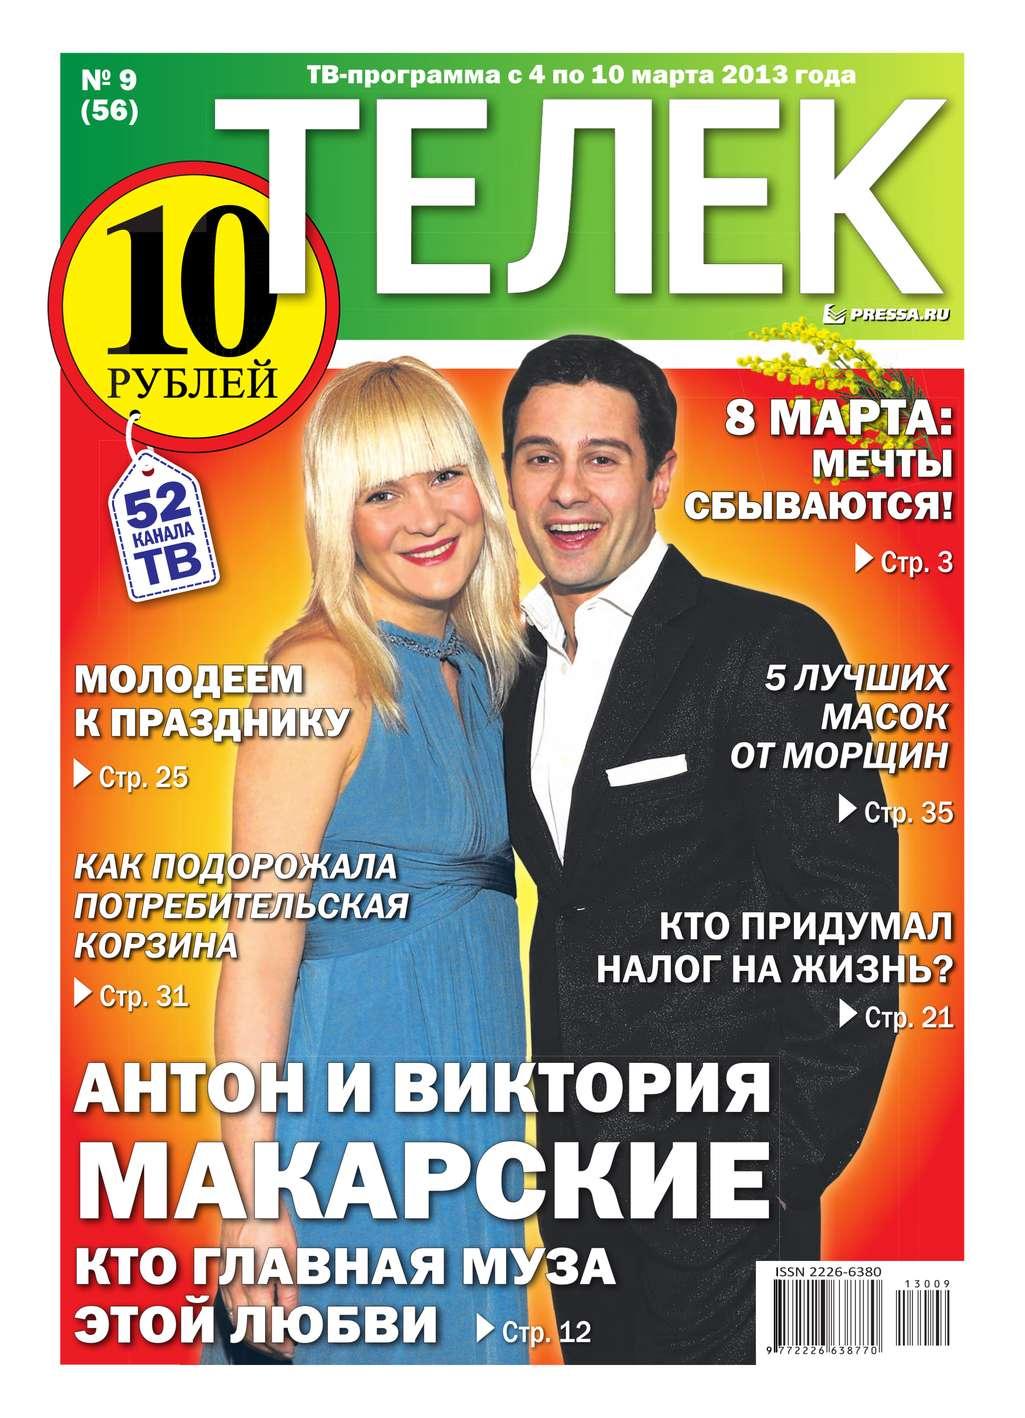 Редакция газеты ТЕЛЕК PRESSA.RU Телек 09-2013 аджна божевильна 33 рифмооткровения